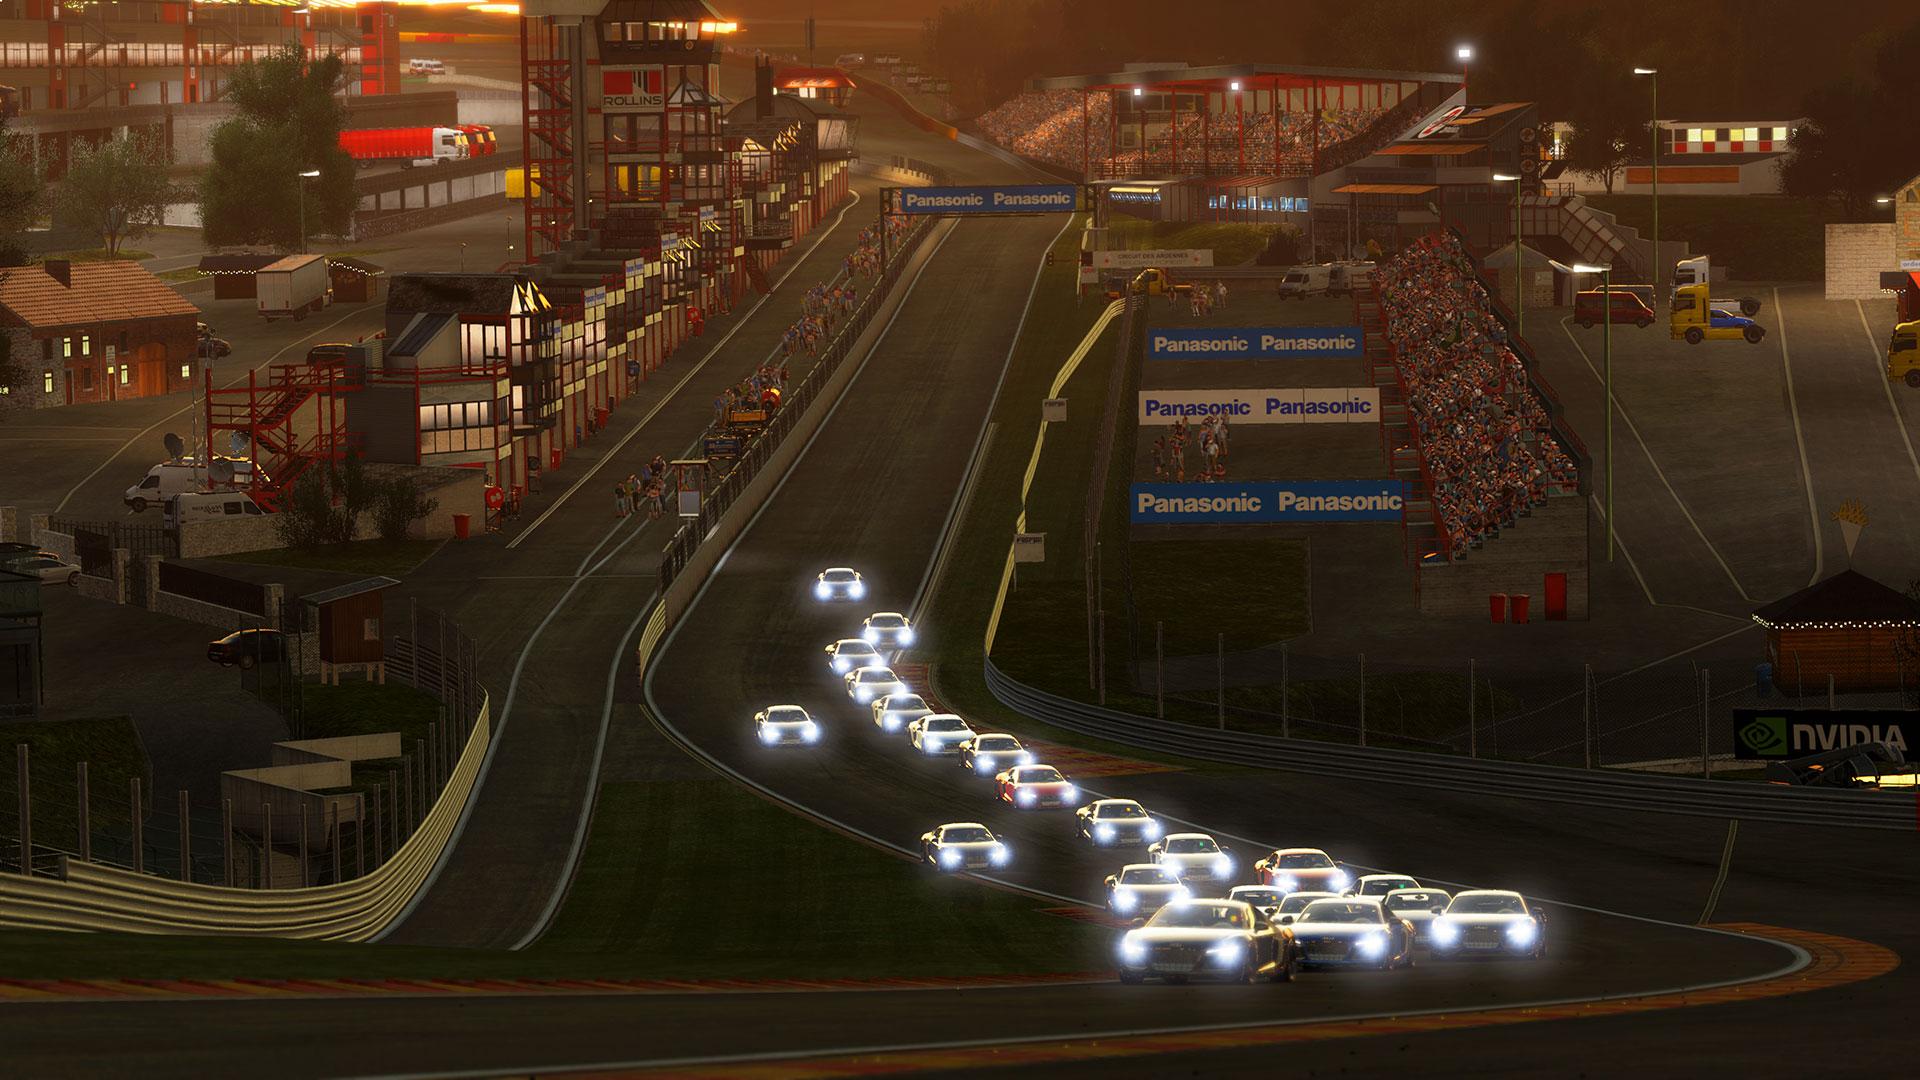 Top Spa-Francorchamps znajdzie się w Project CARS